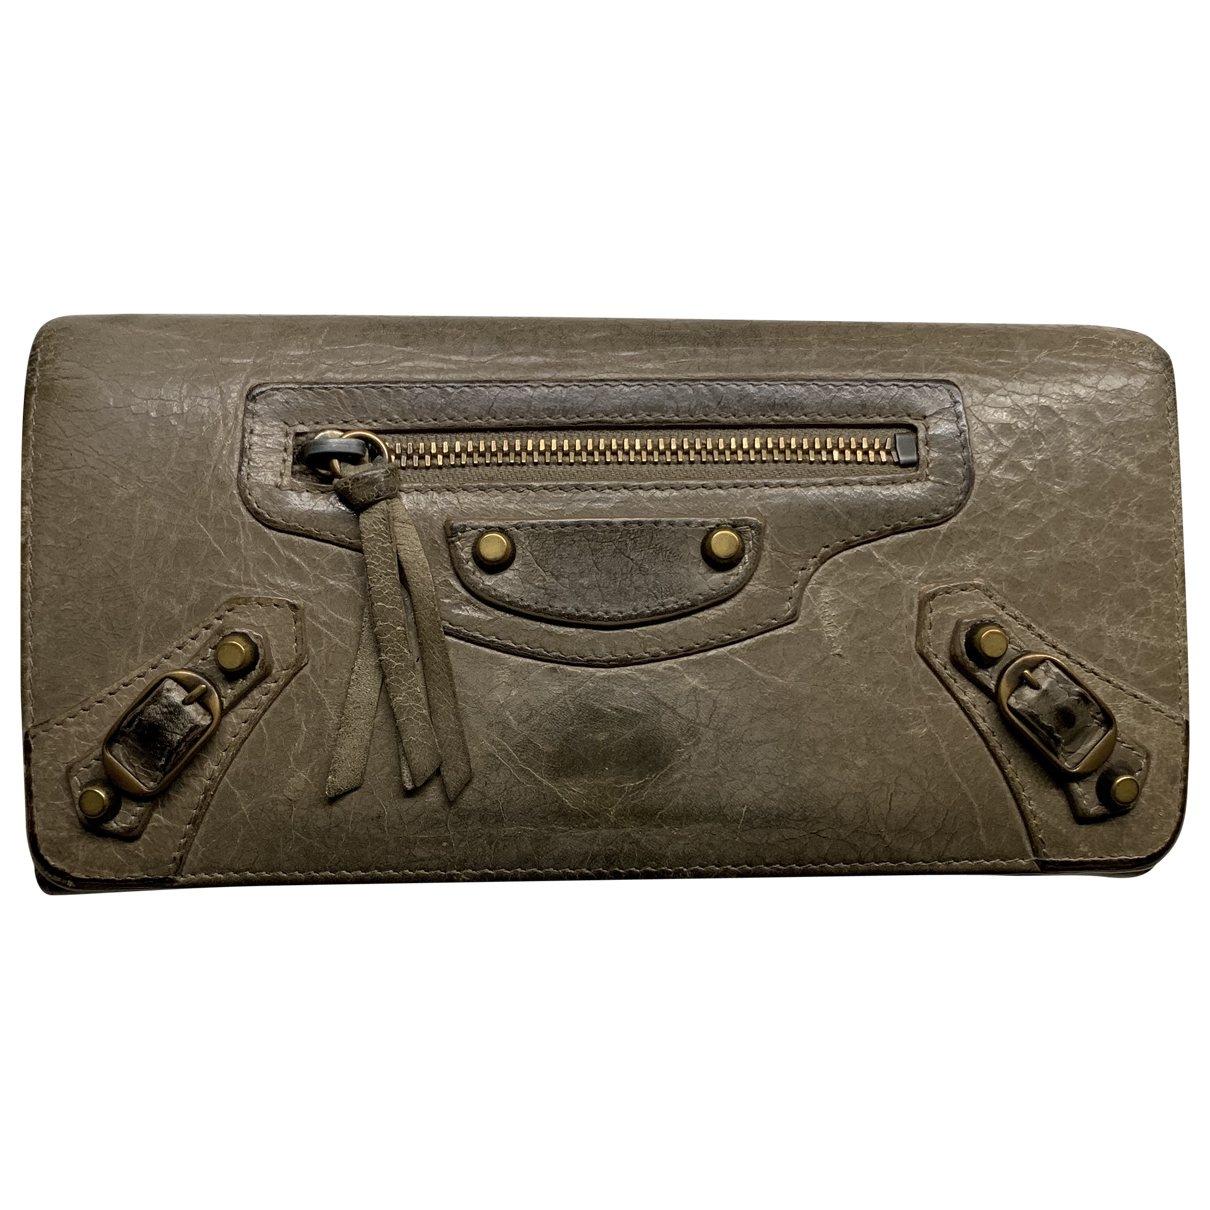 Balenciaga \N Leather wallet for Women \N